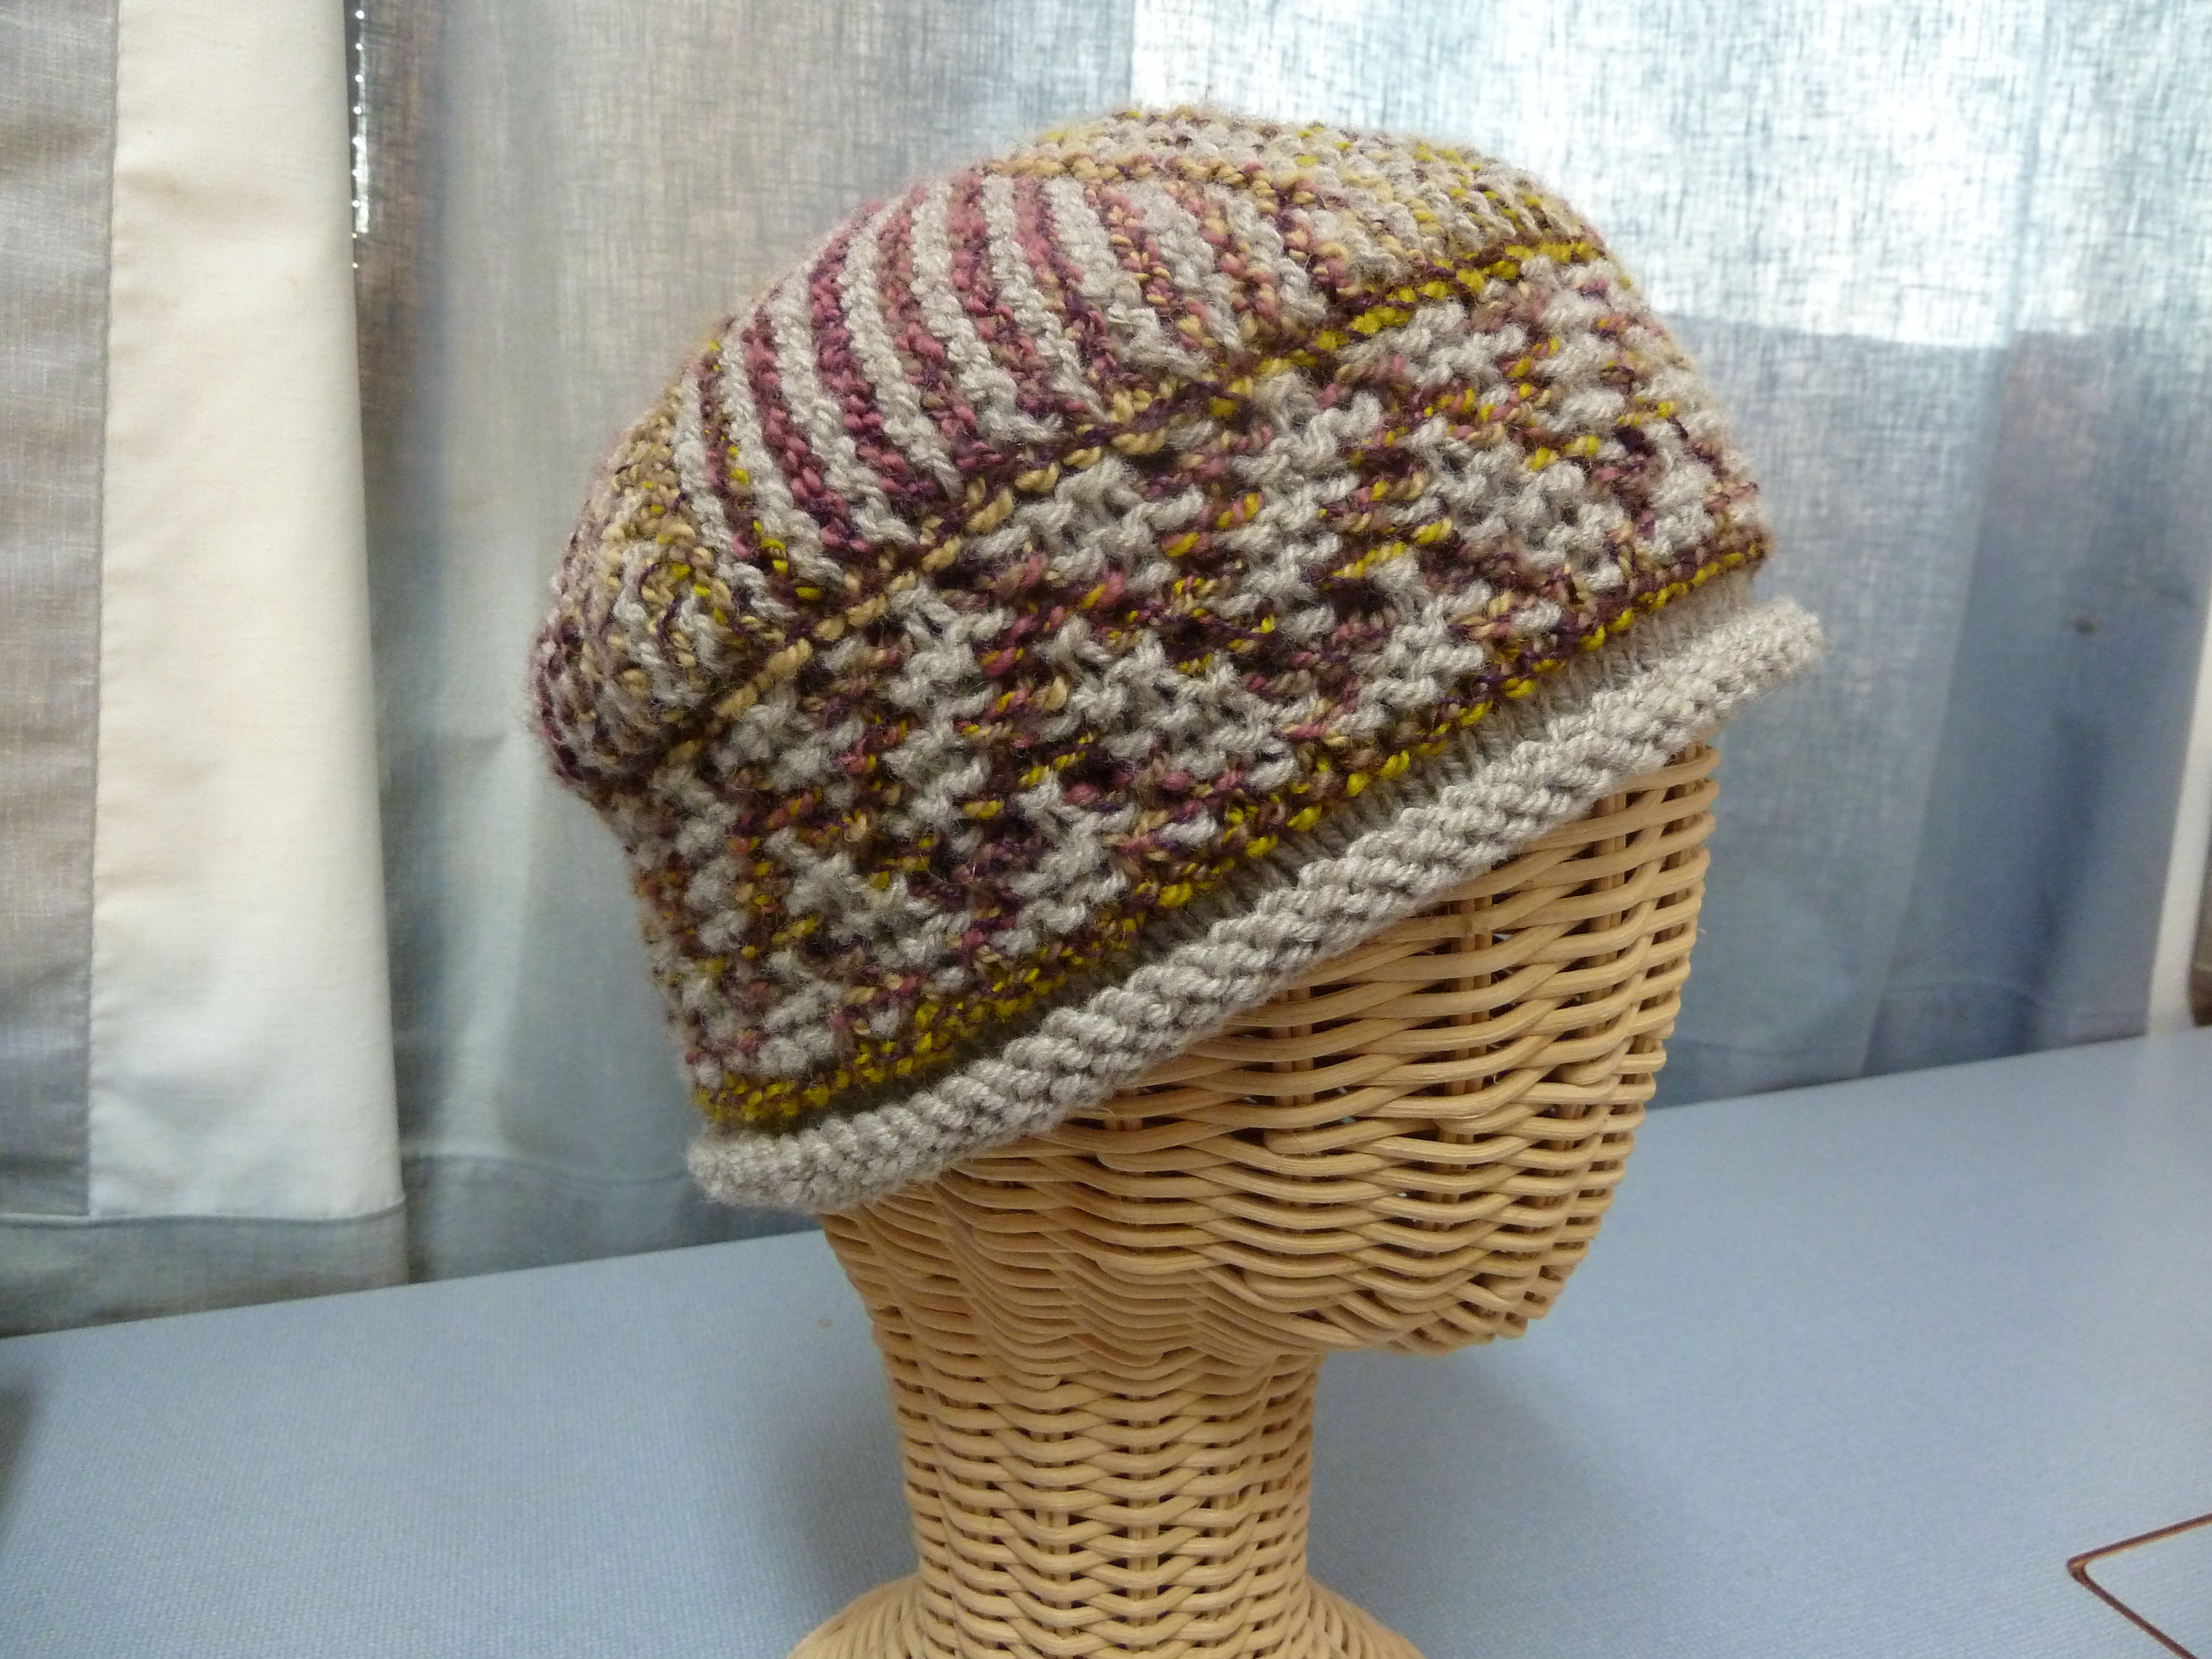 Hand knit knitted wool mohair cashmere Harrisville Designs Debbie Bliss hat cap watchcap beanie raspberry pumpkin mediumweight women OS